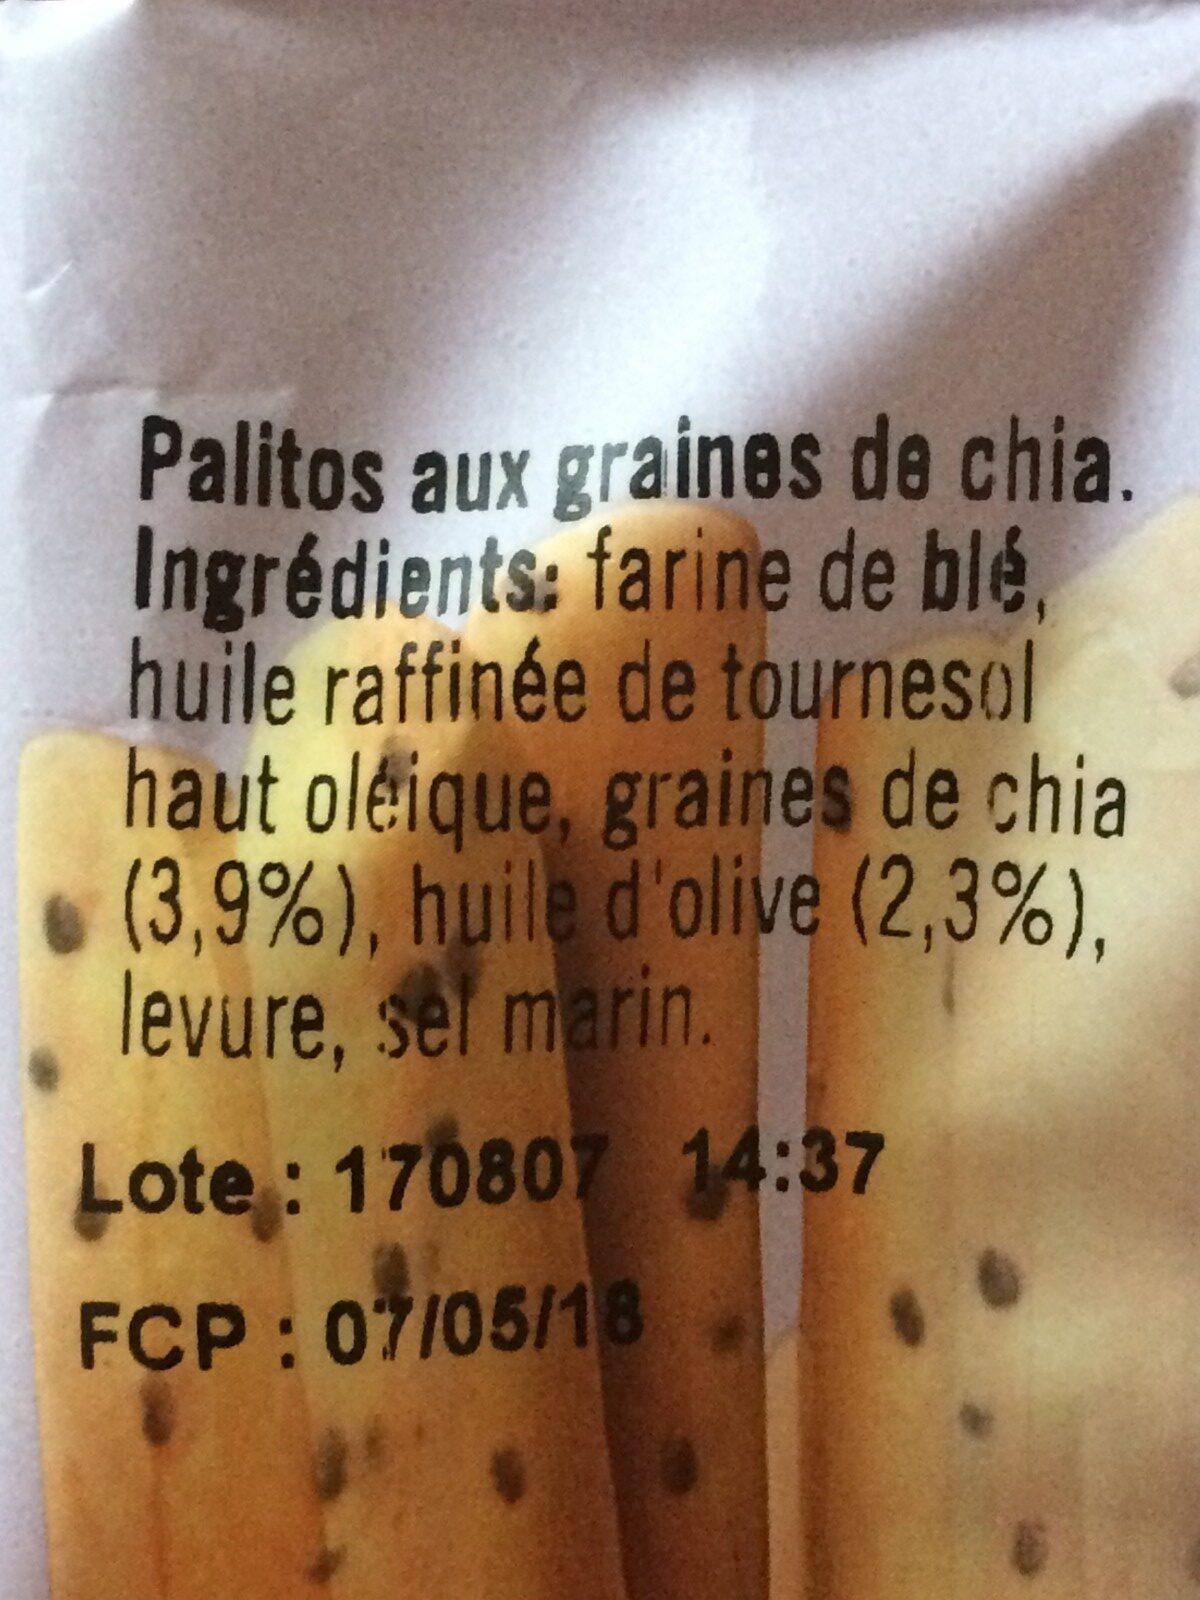 Palitos con semillas de chía - Ingrédients - fr